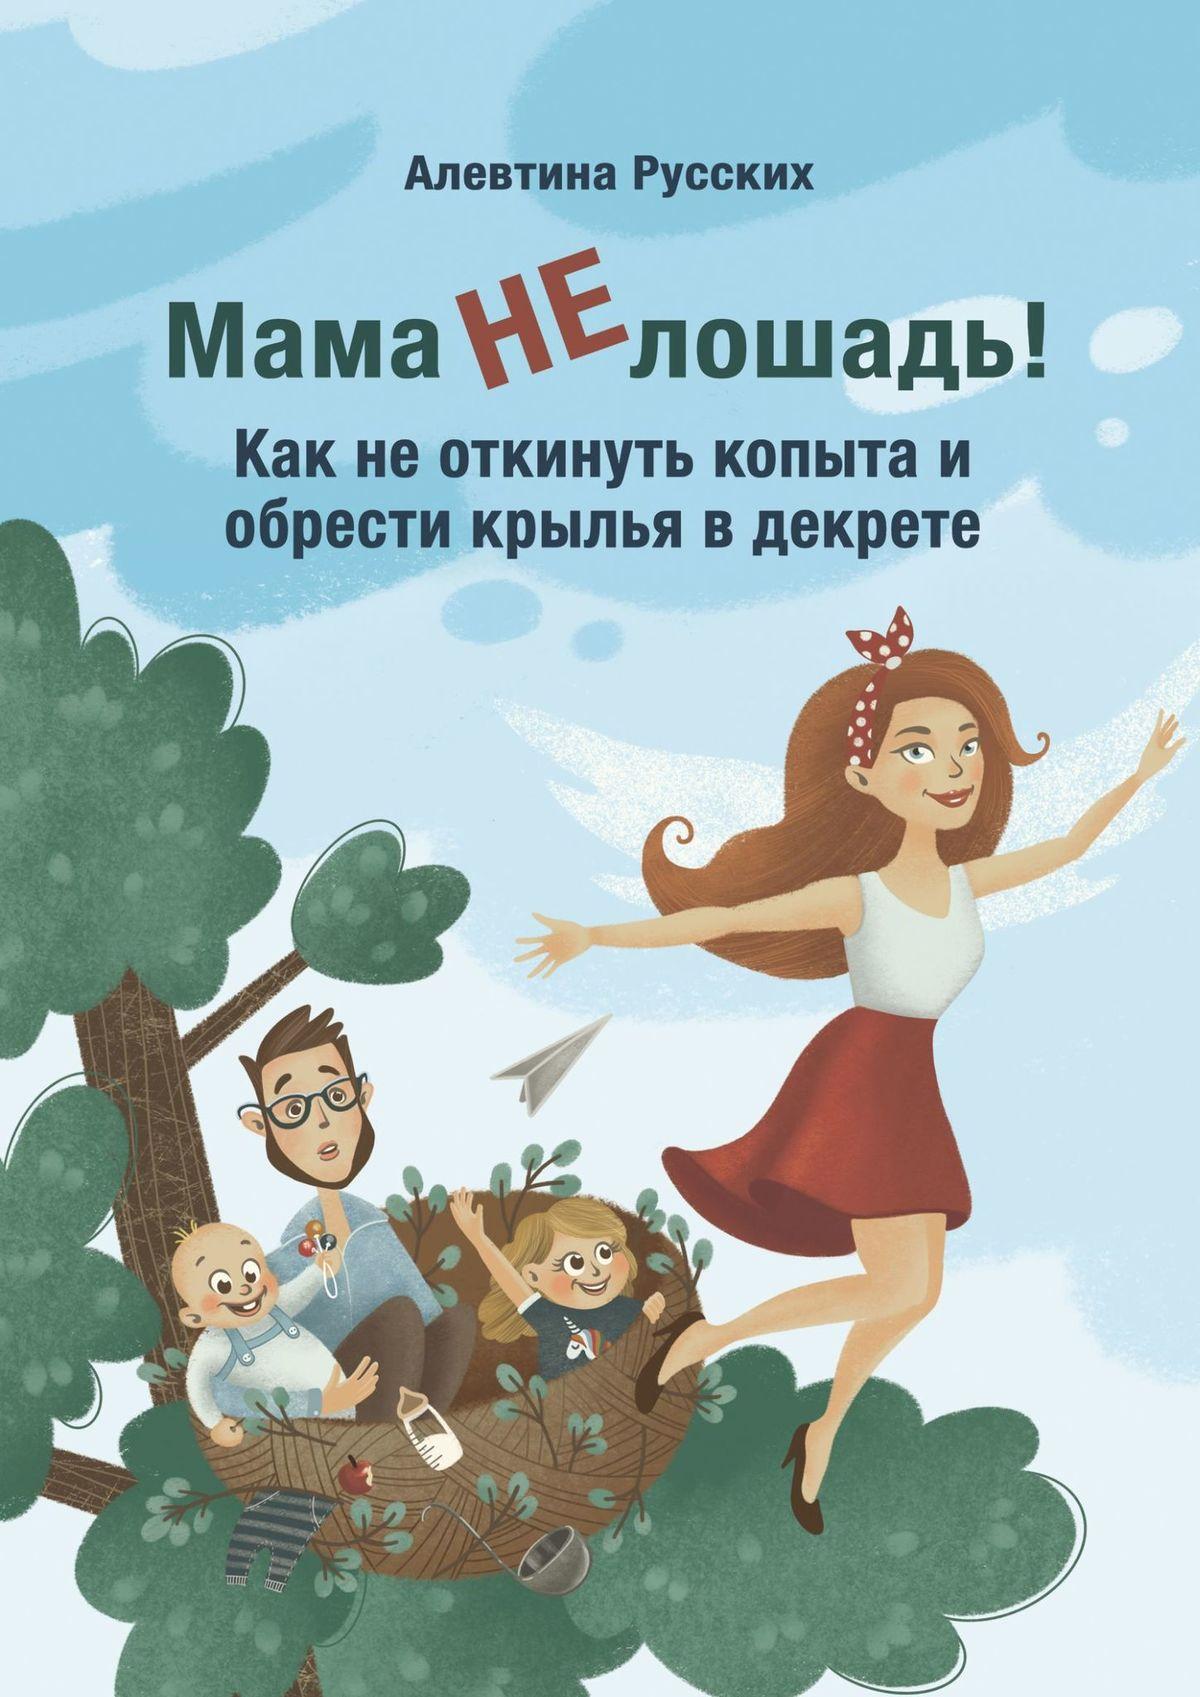 Обложка «Мама нелошадь! Как не откинуть копыта и обрести крылья в декрете»